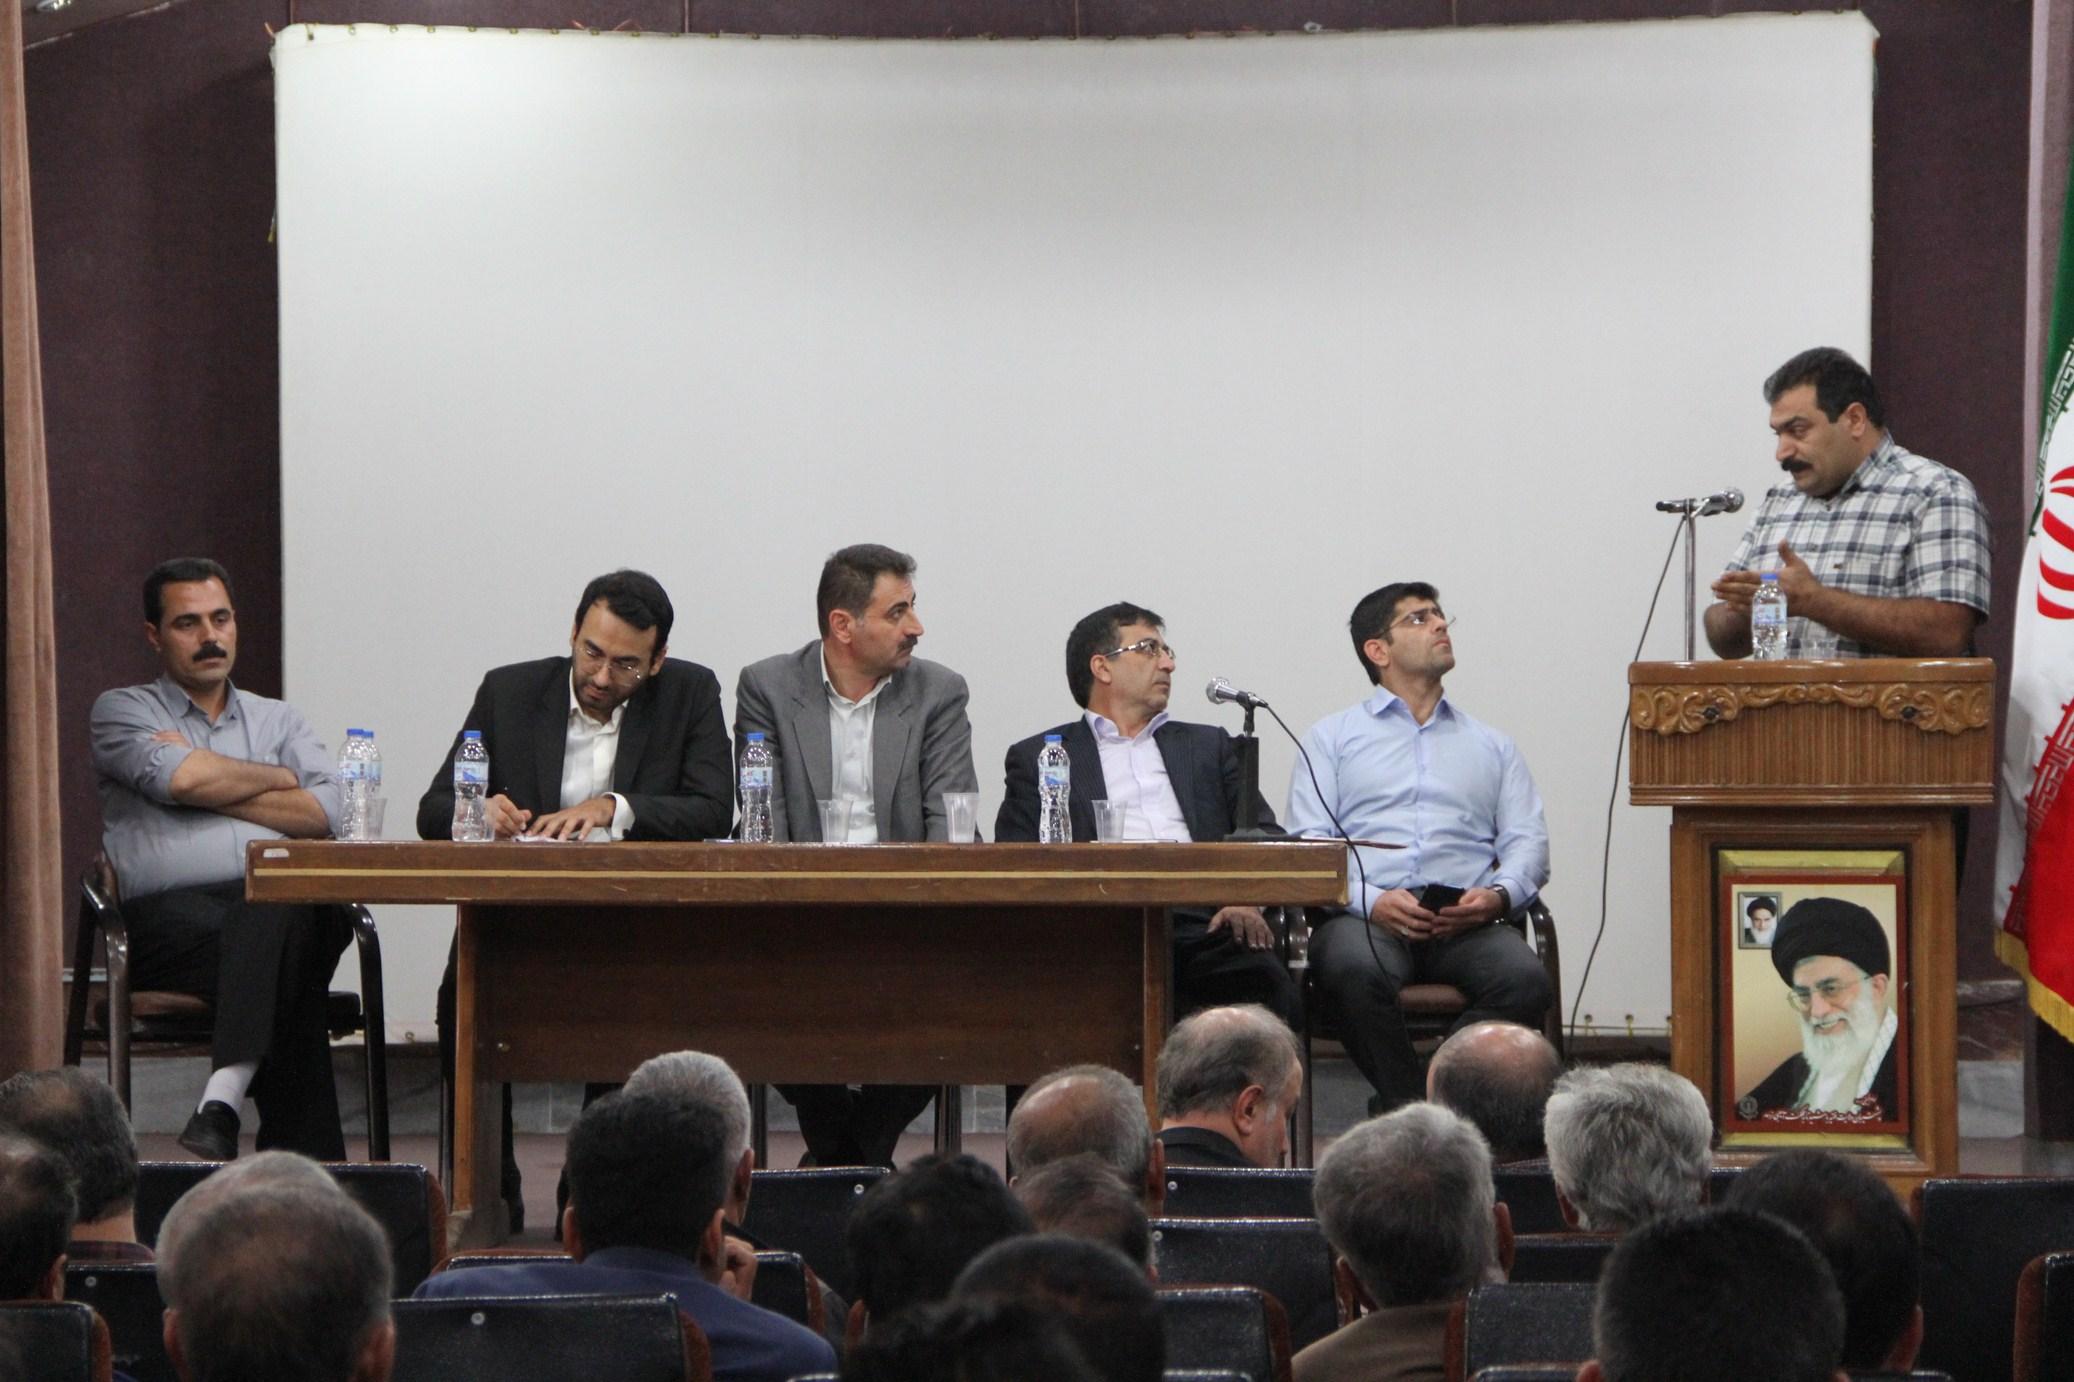 همایش بررسی مسائل و مشکلات توزیع کالای دخانی استان کردستان 25 مهر 98